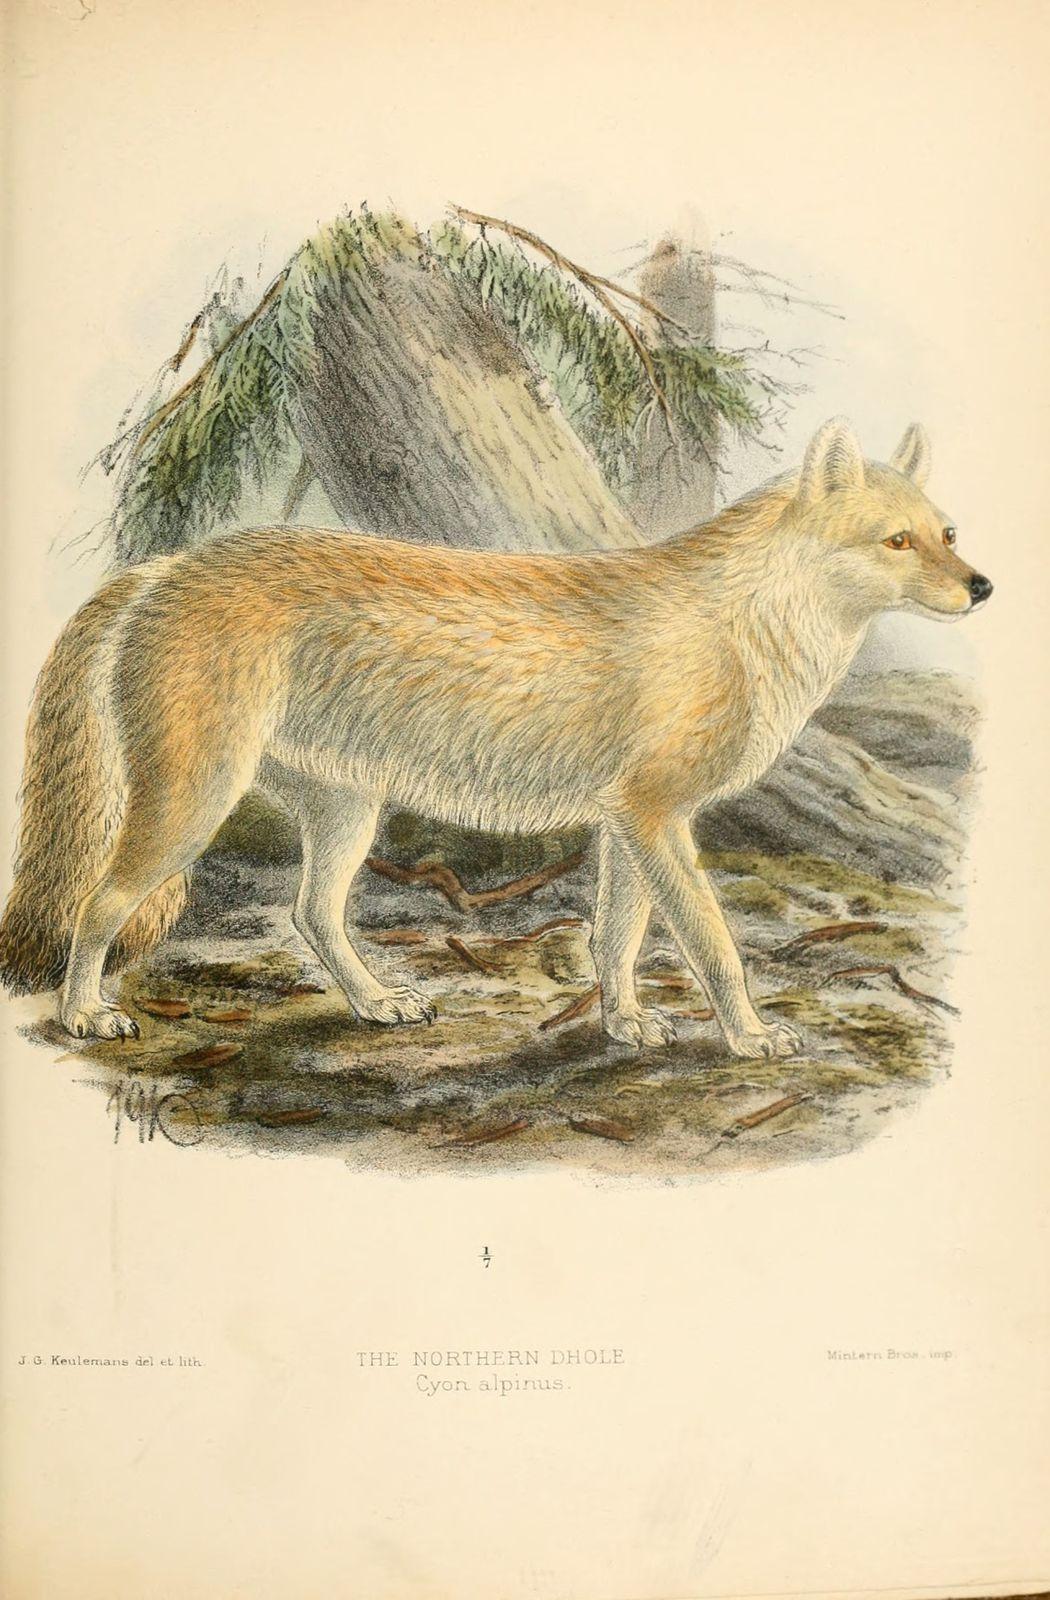 dessin-gravure dhole - cyon (cuon) alpinus